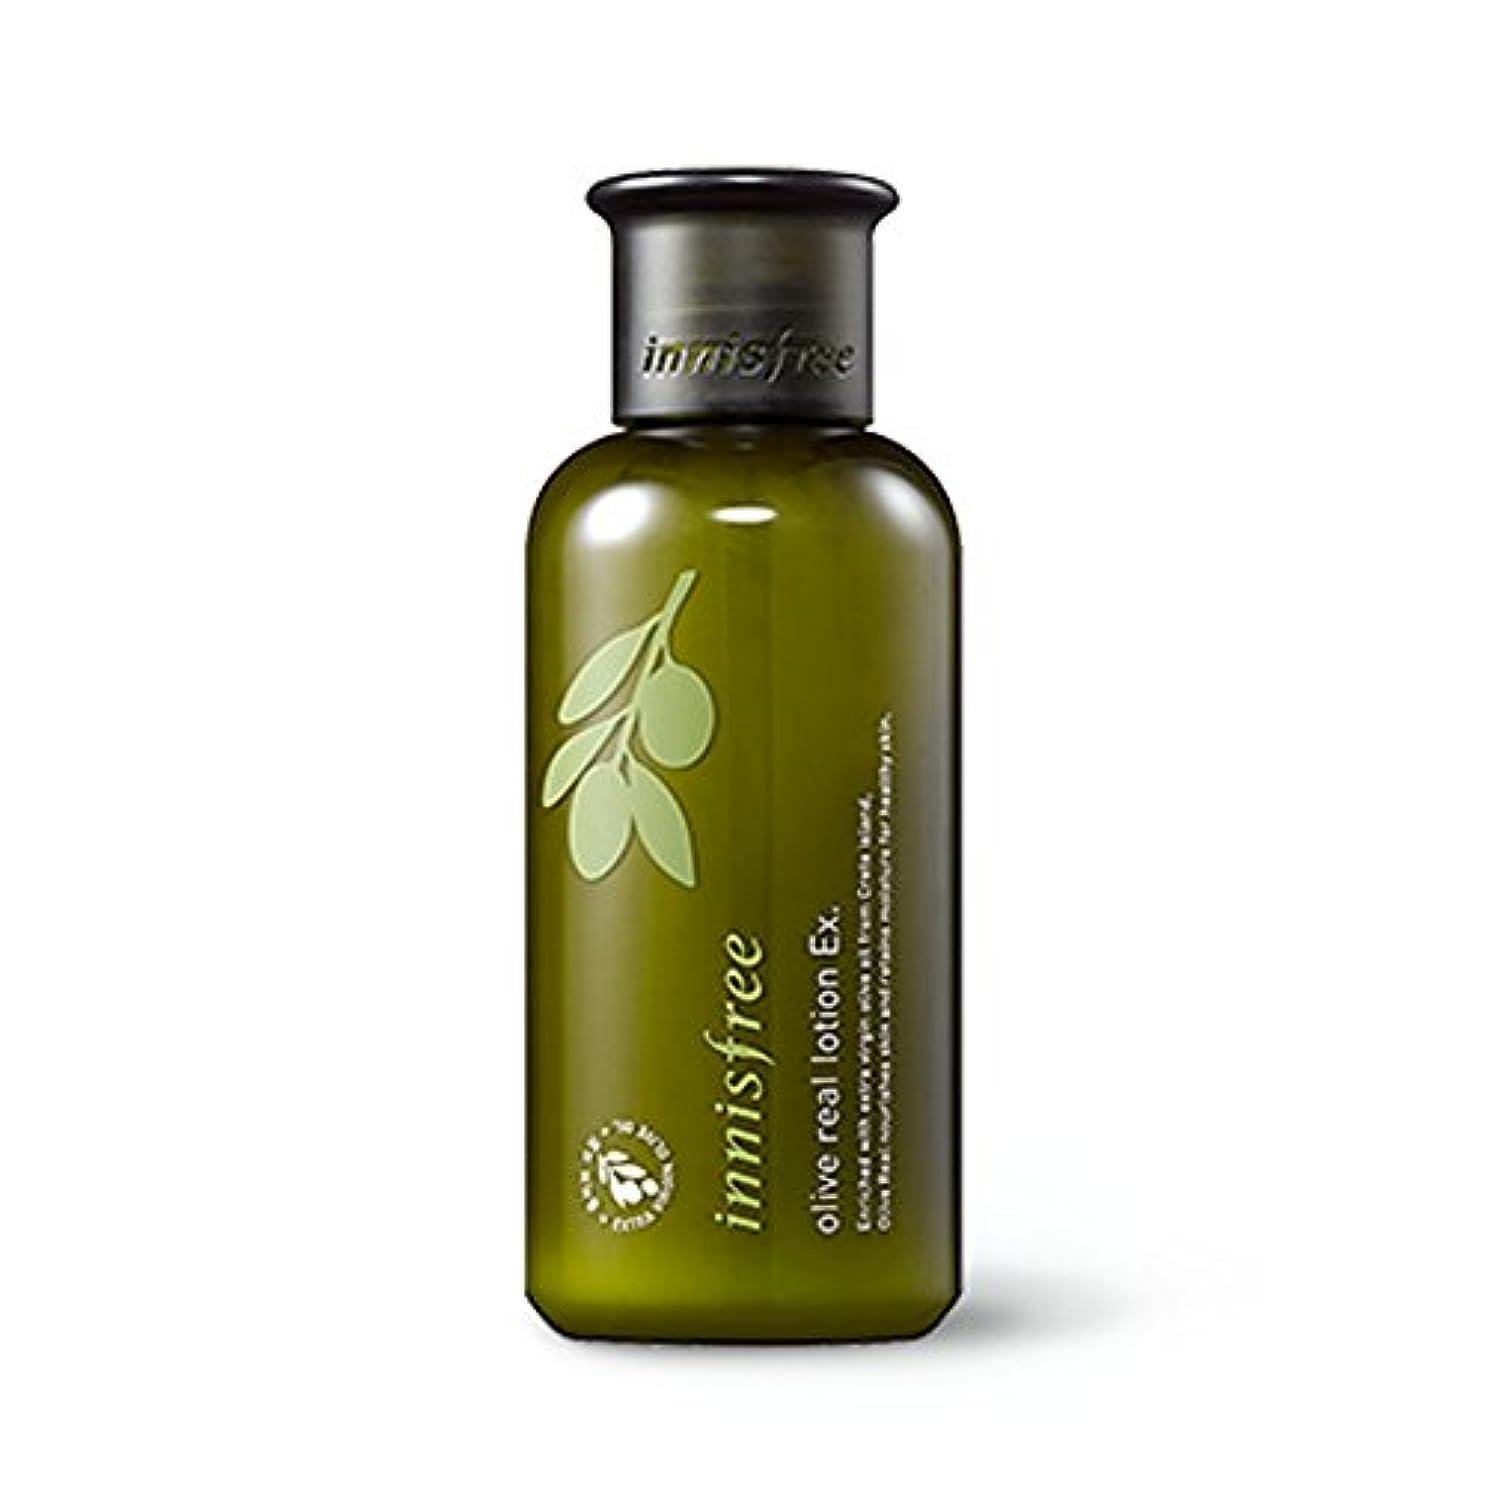 海港平和な救いイニスフリーオリーブリアルローションEx 160ml / innisfree Olive Real Lotion Ex 160ml [海外直送品][並行輸入品]